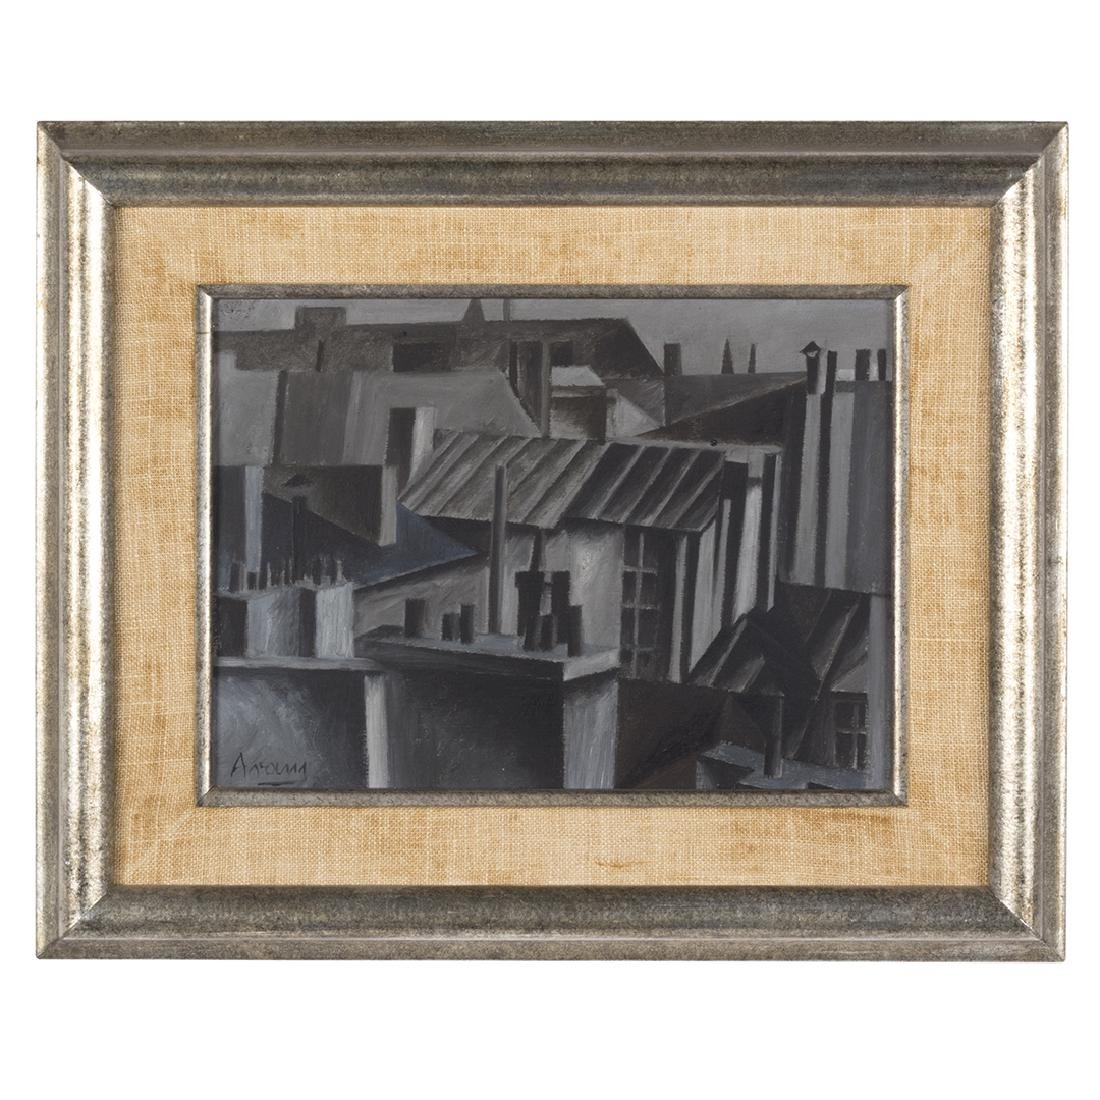 Gottlieb Michael Aram 'Paris' Painting